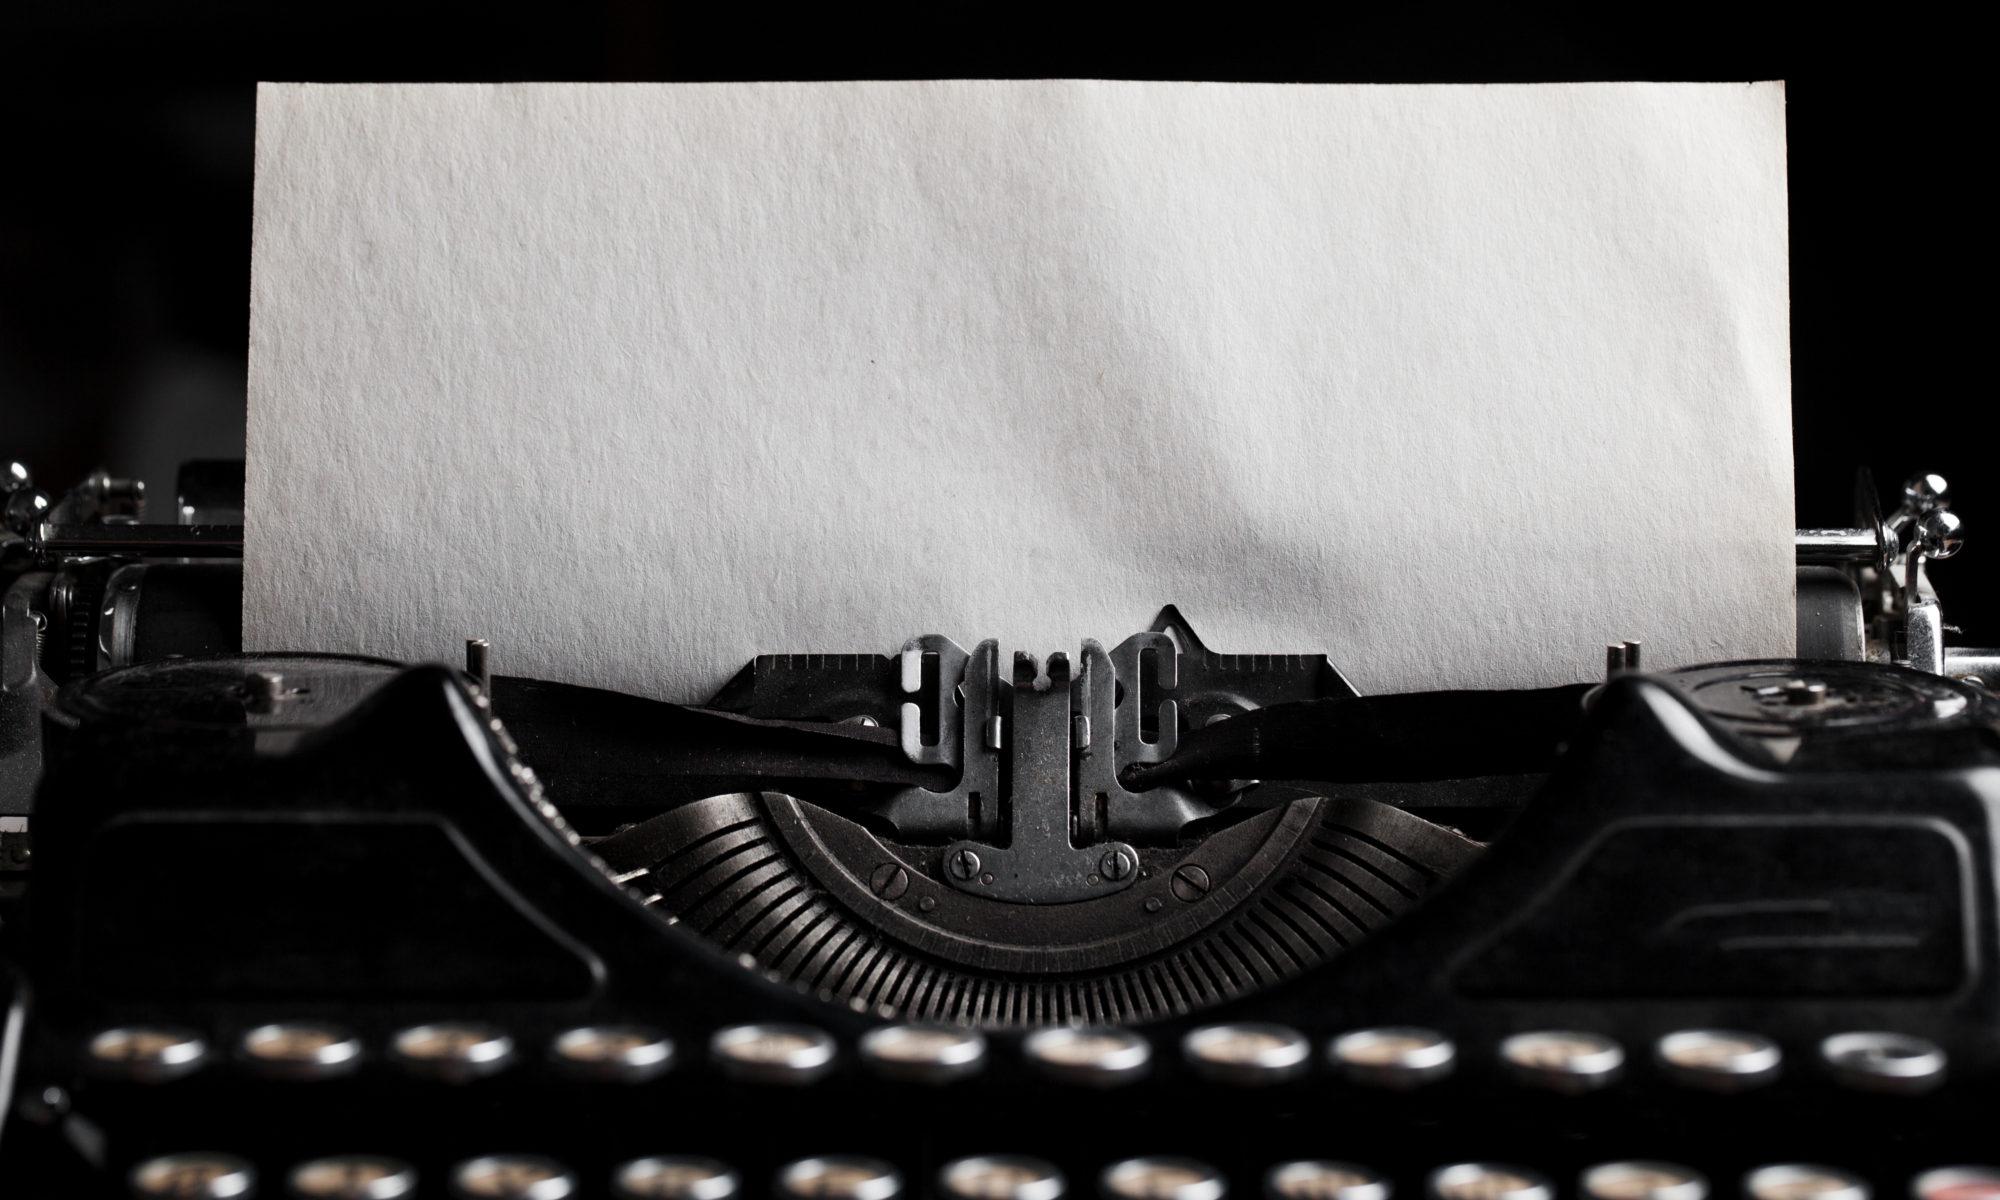 maszyna do pisania gotowa do pracy